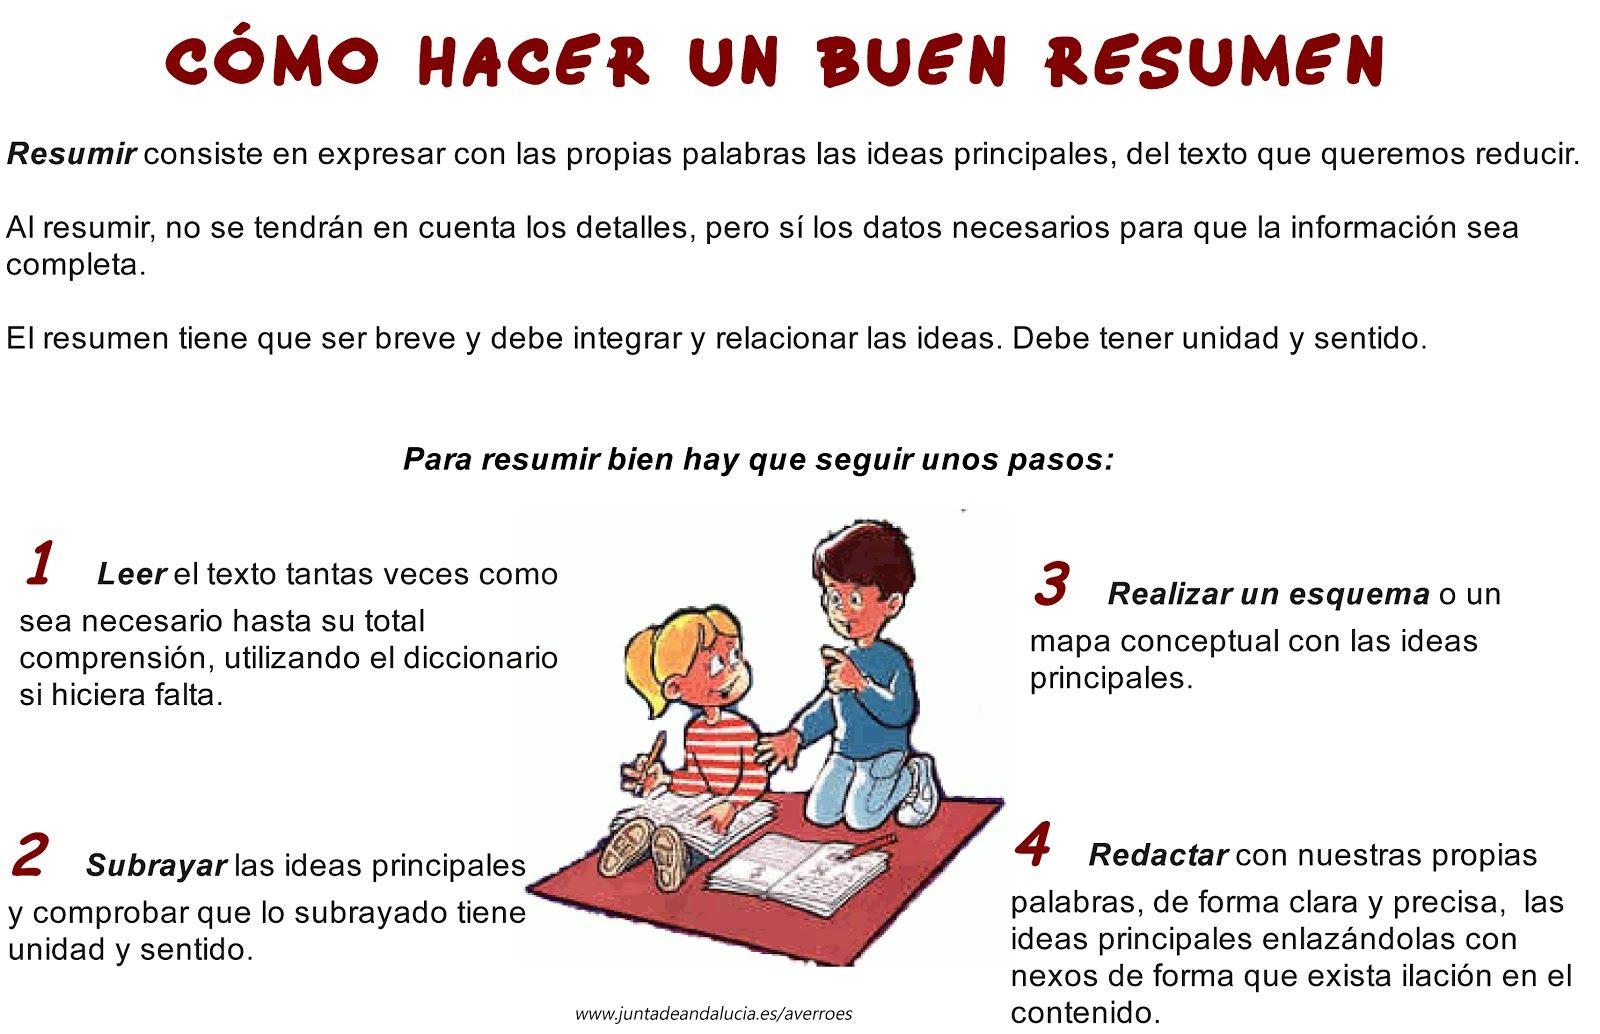 Cómo hacer un buen resumen para estudiar mejor #resumir | Hábitos de ...